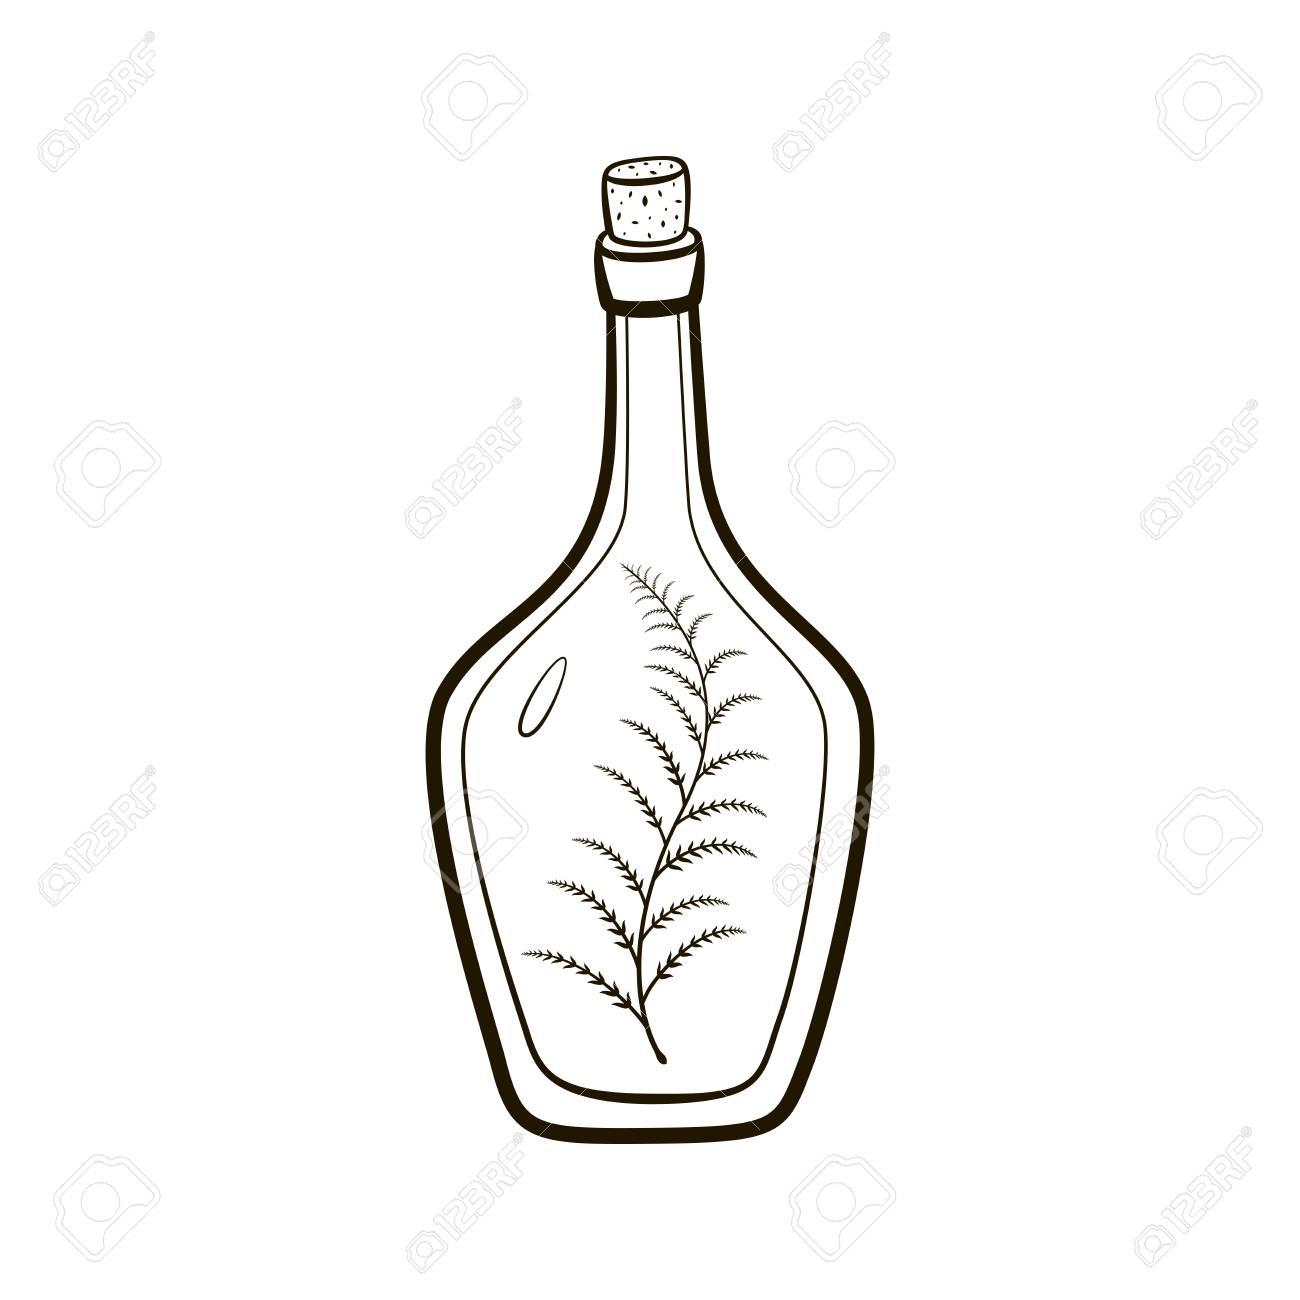 1300x1300 Vintage Bottle With Sprig Inside Hand Drawing Illustration